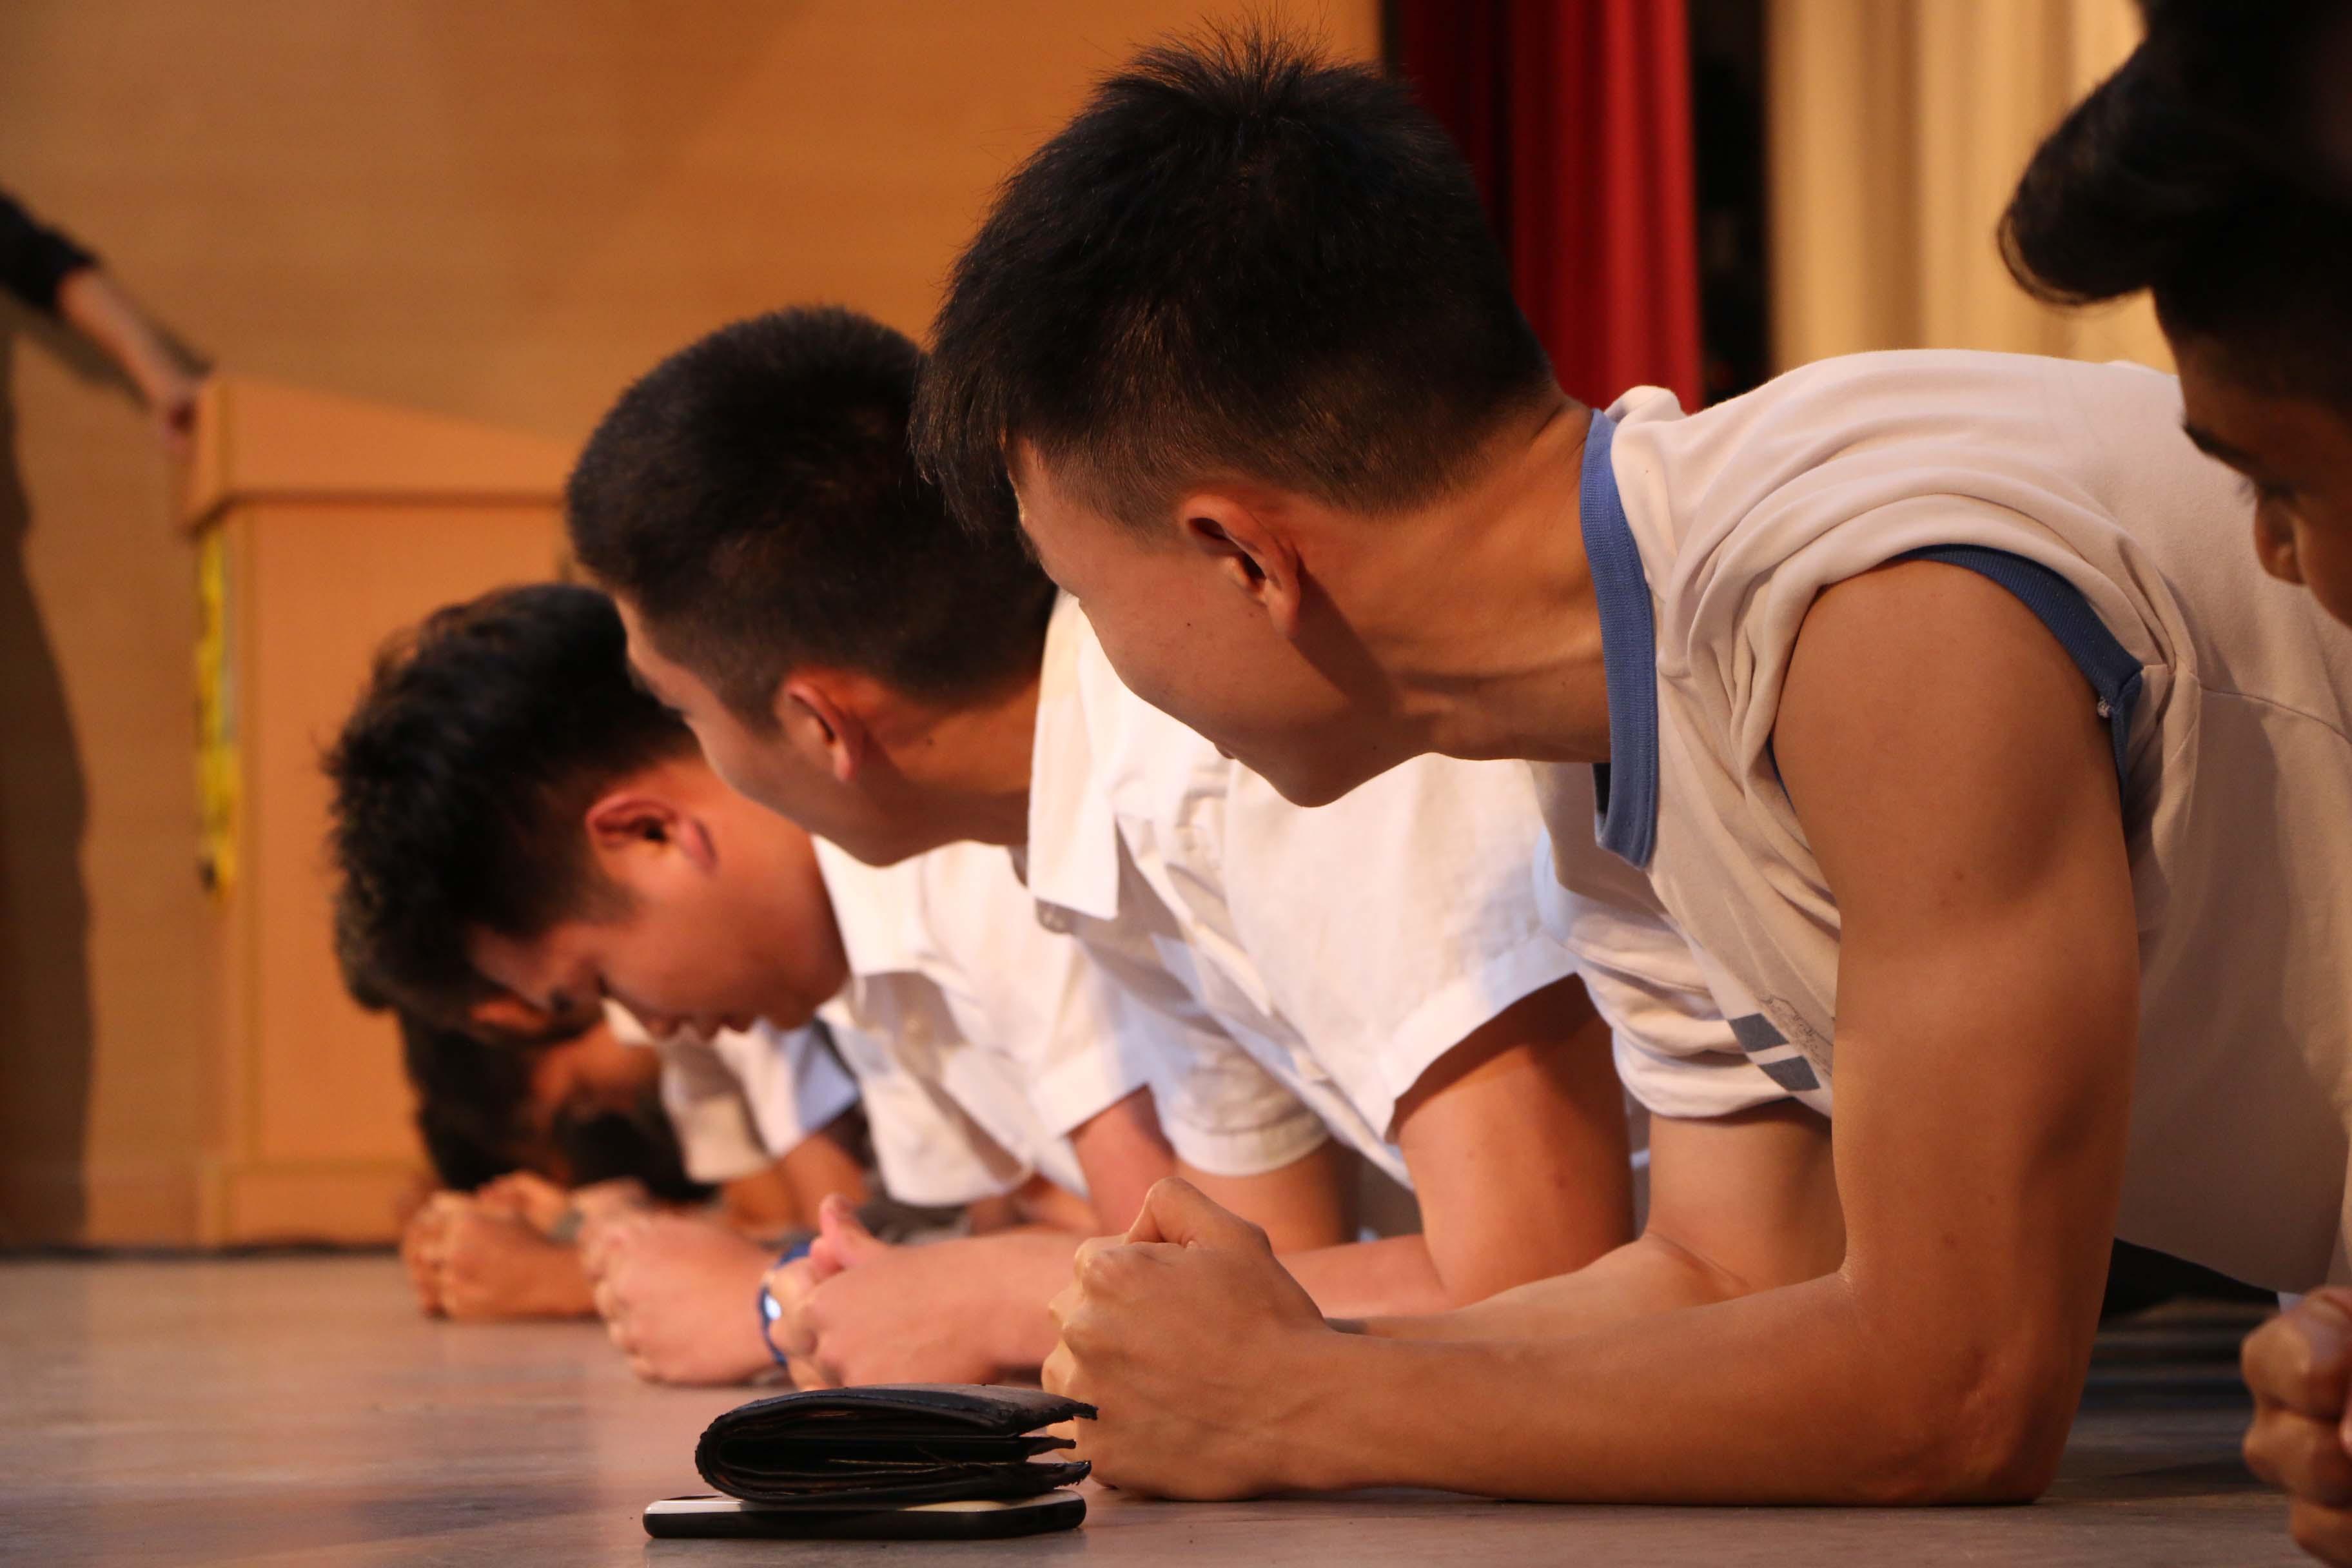 天主教慈幼會伍少梅中學的優質教育基金 好精神 運動工作坊相片5